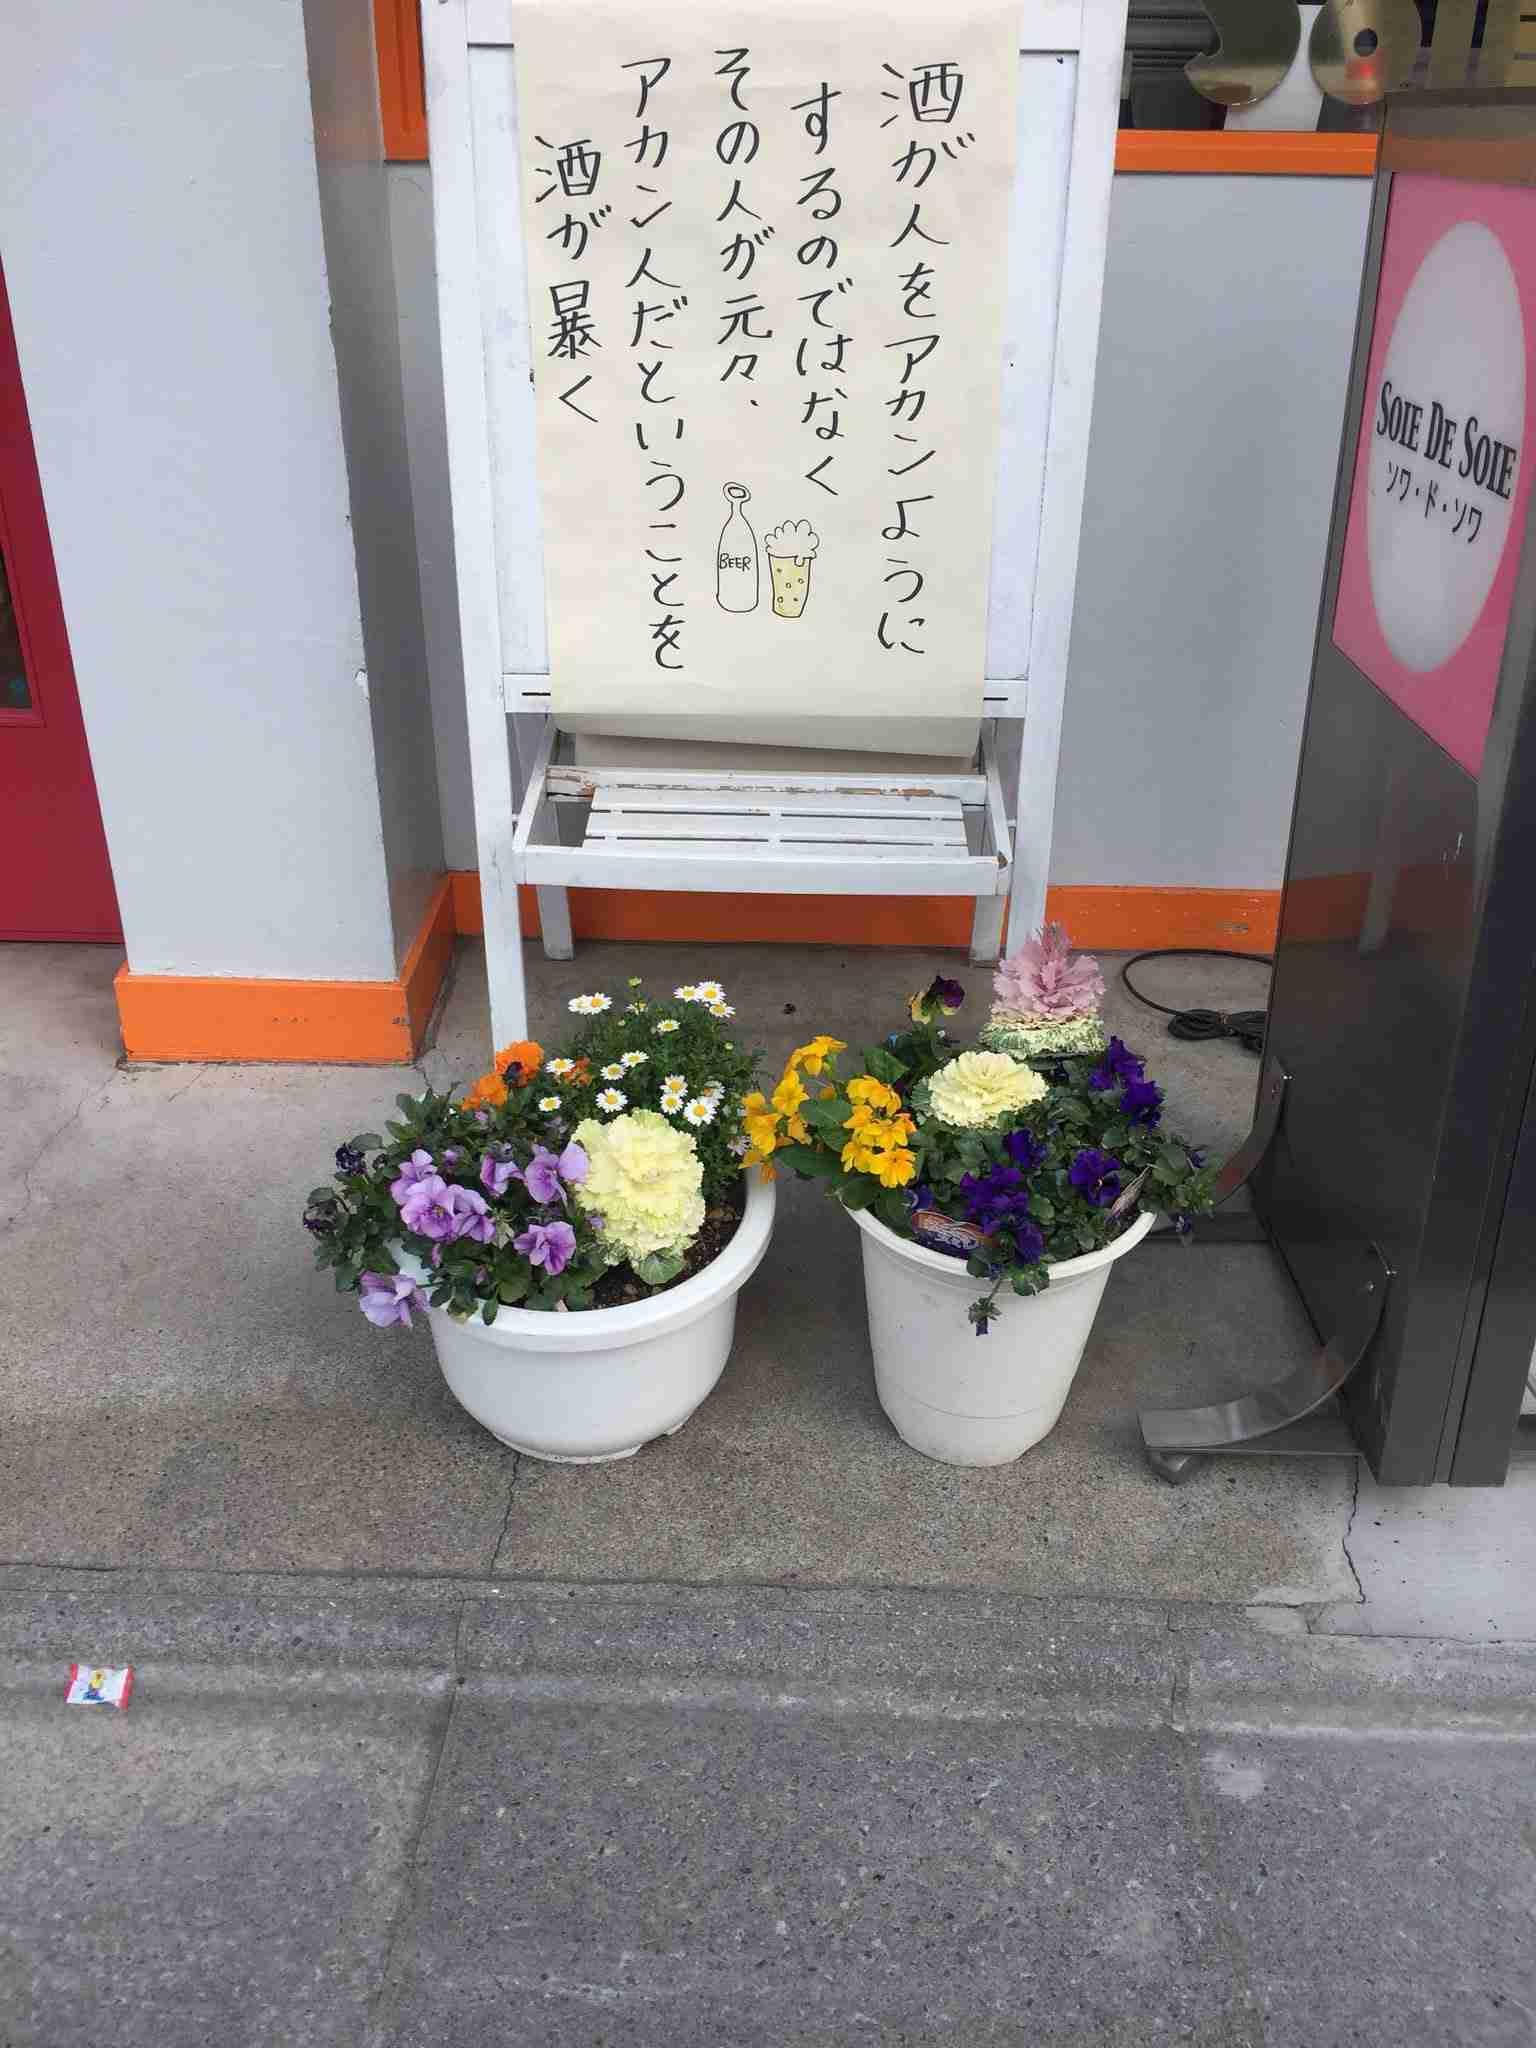 山口達也司会のEテレ「Rの法則」打ち切りも…NHK幹部「悔しい」